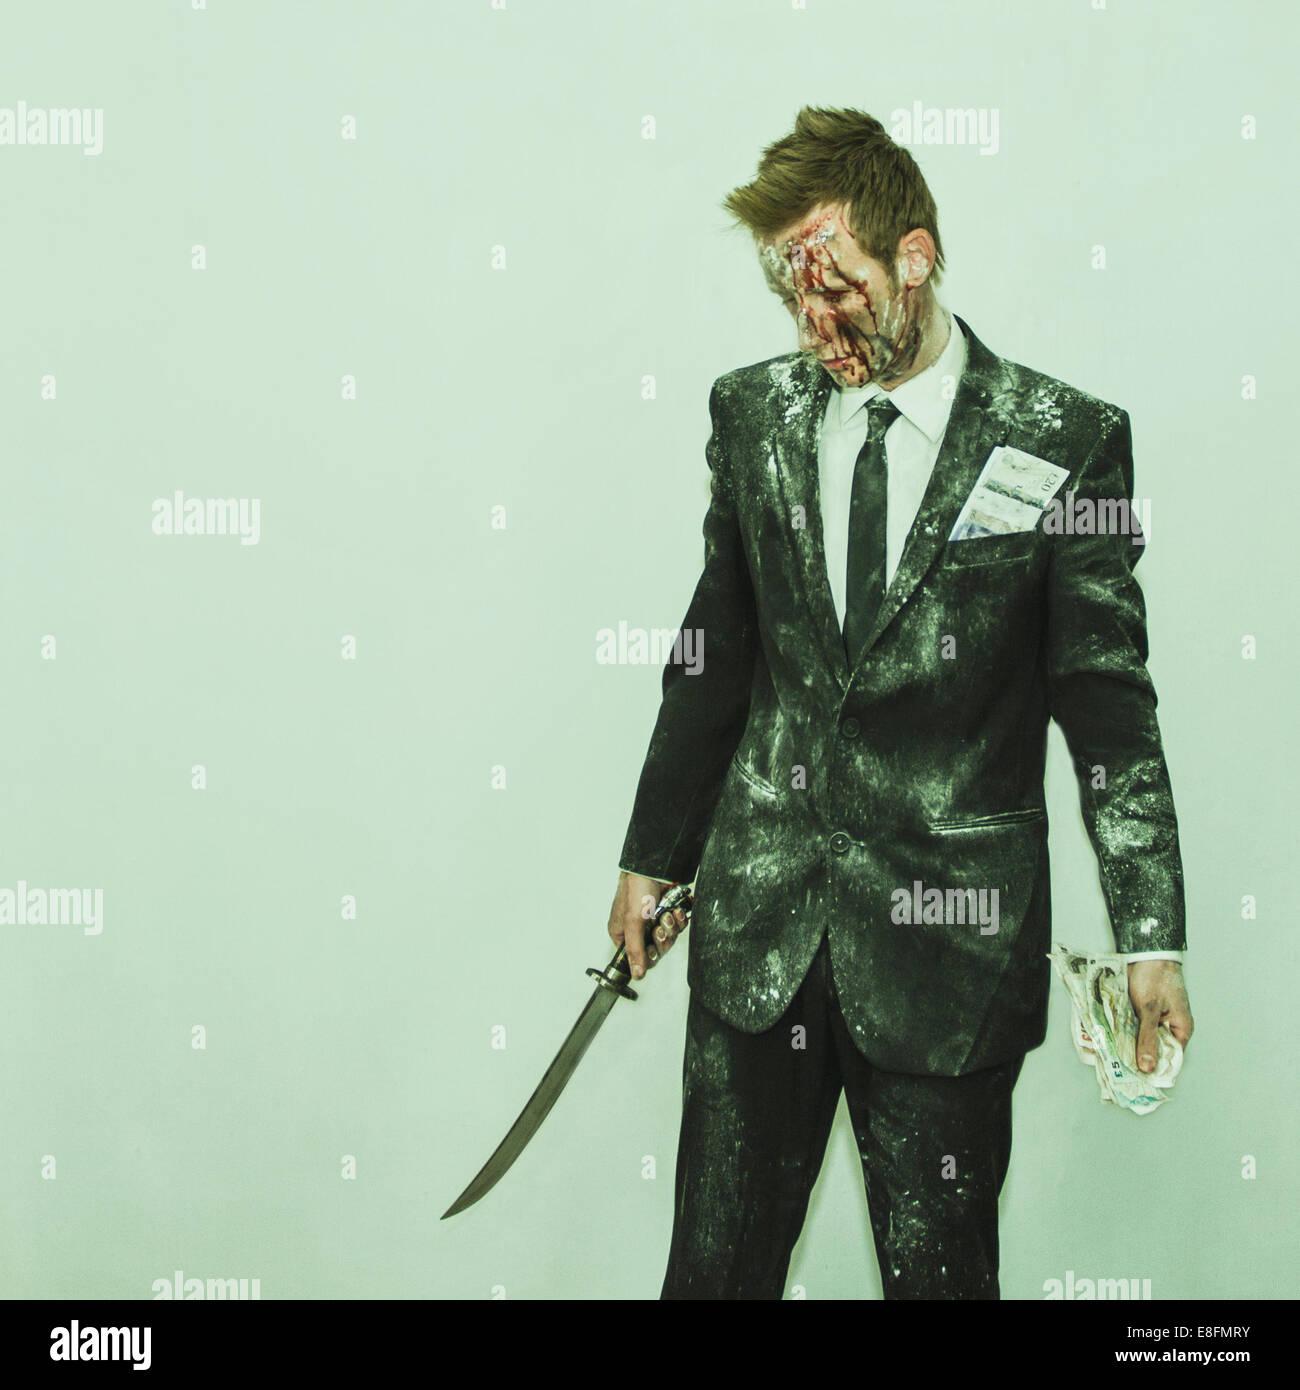 Mann im Anzug durchlöchern Schwert und Geld Stockbild